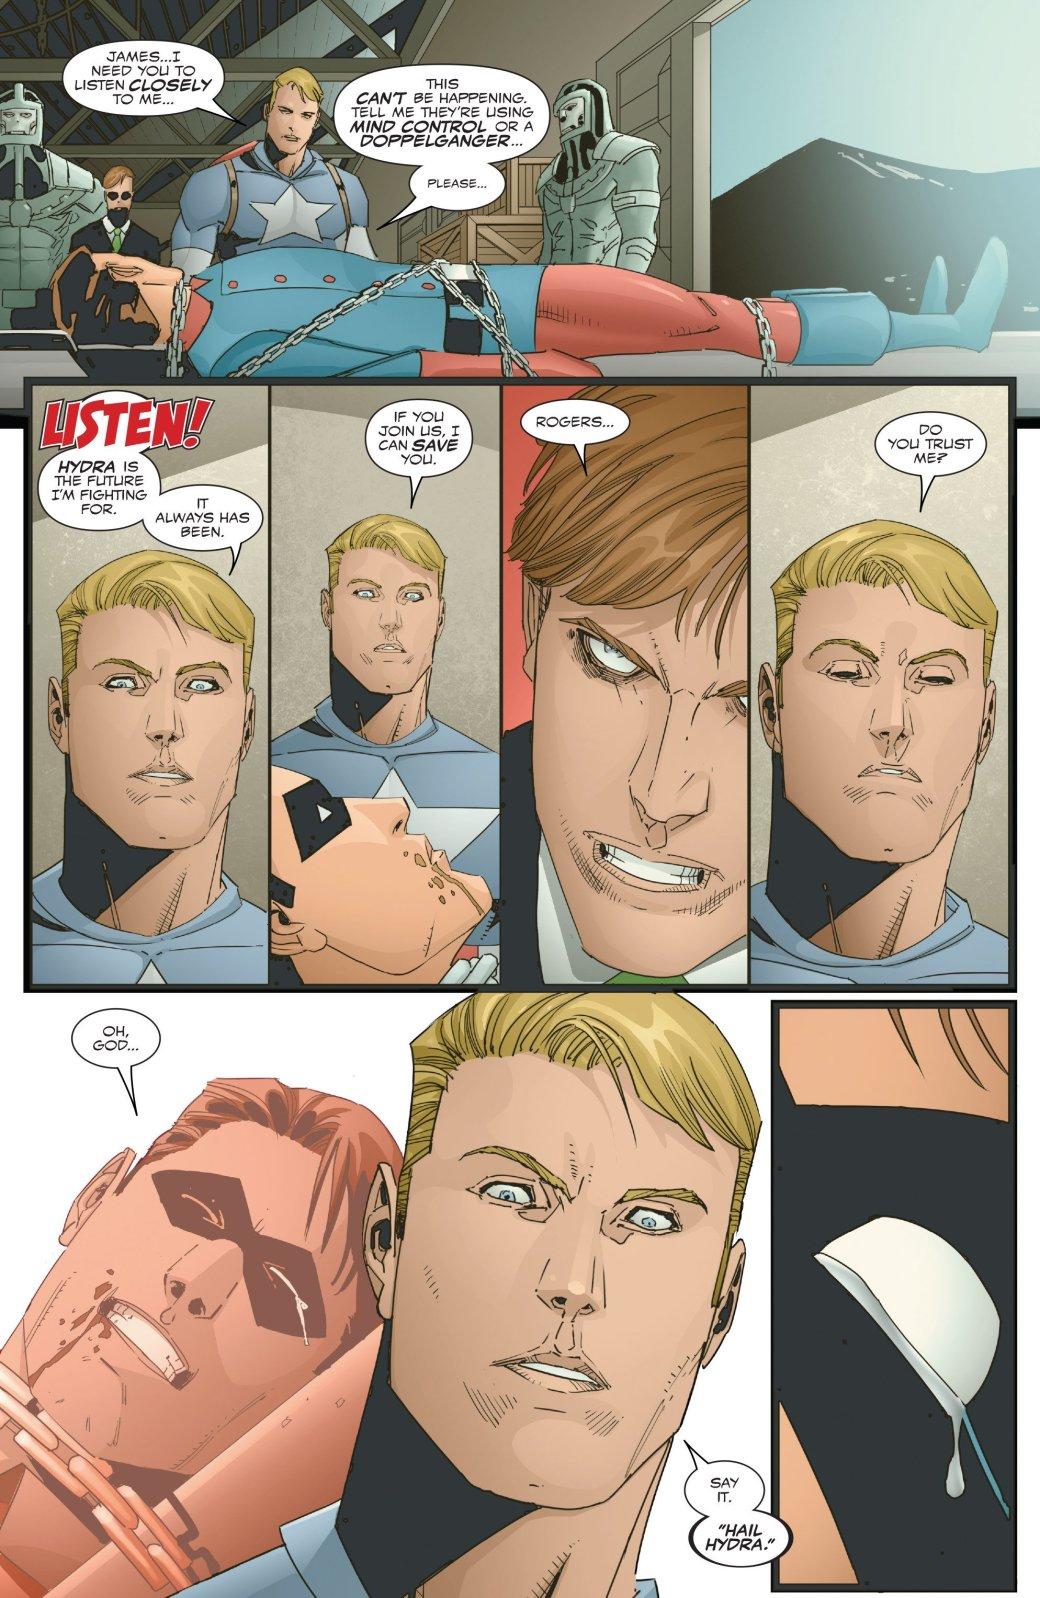 Зимний солдат вернулся в прошлое и узнал правду о Капитане Америка | Канобу - Изображение 8179